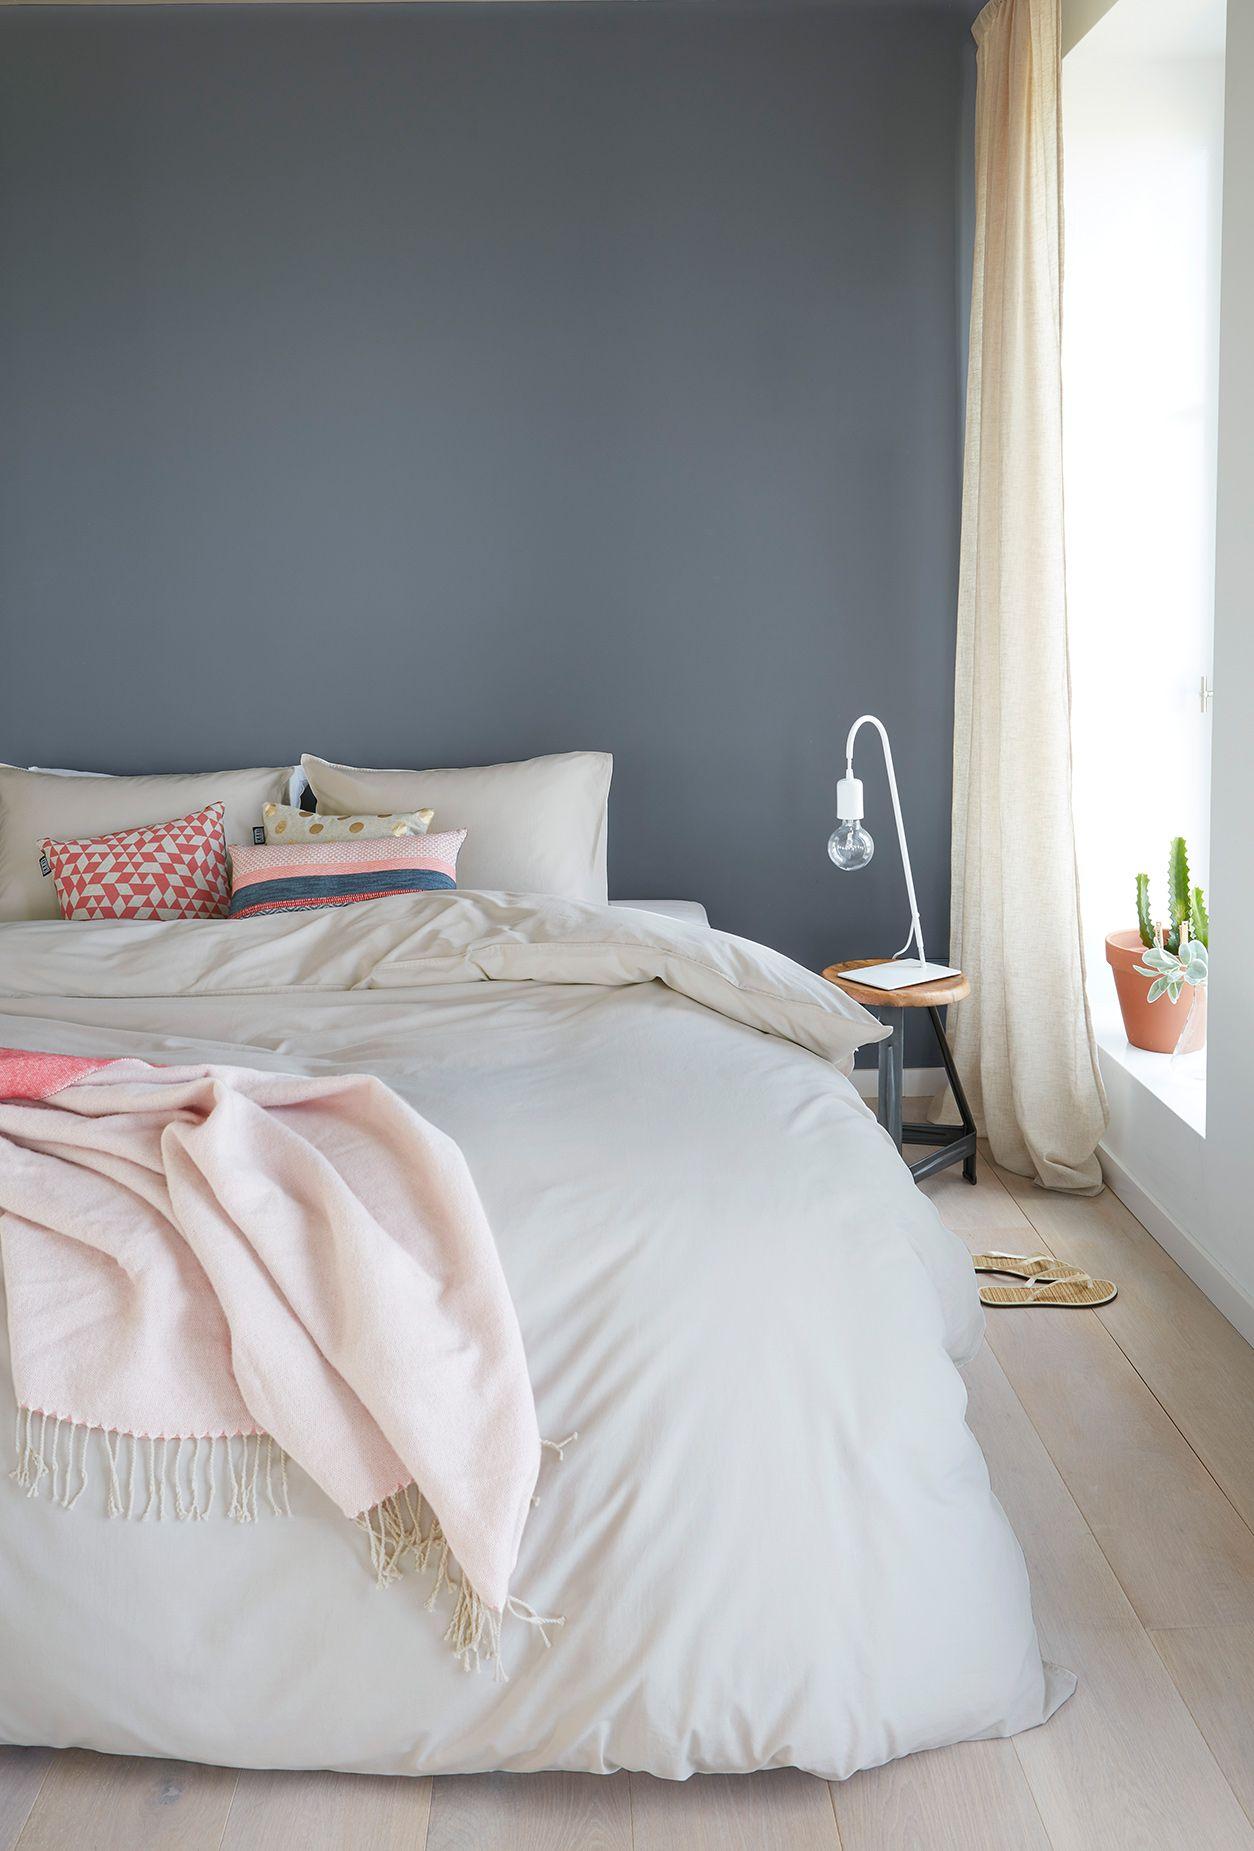 Ein Hubsches Blau Grau Als Wandfarbe Im Schlafzimmer Www Kolorat